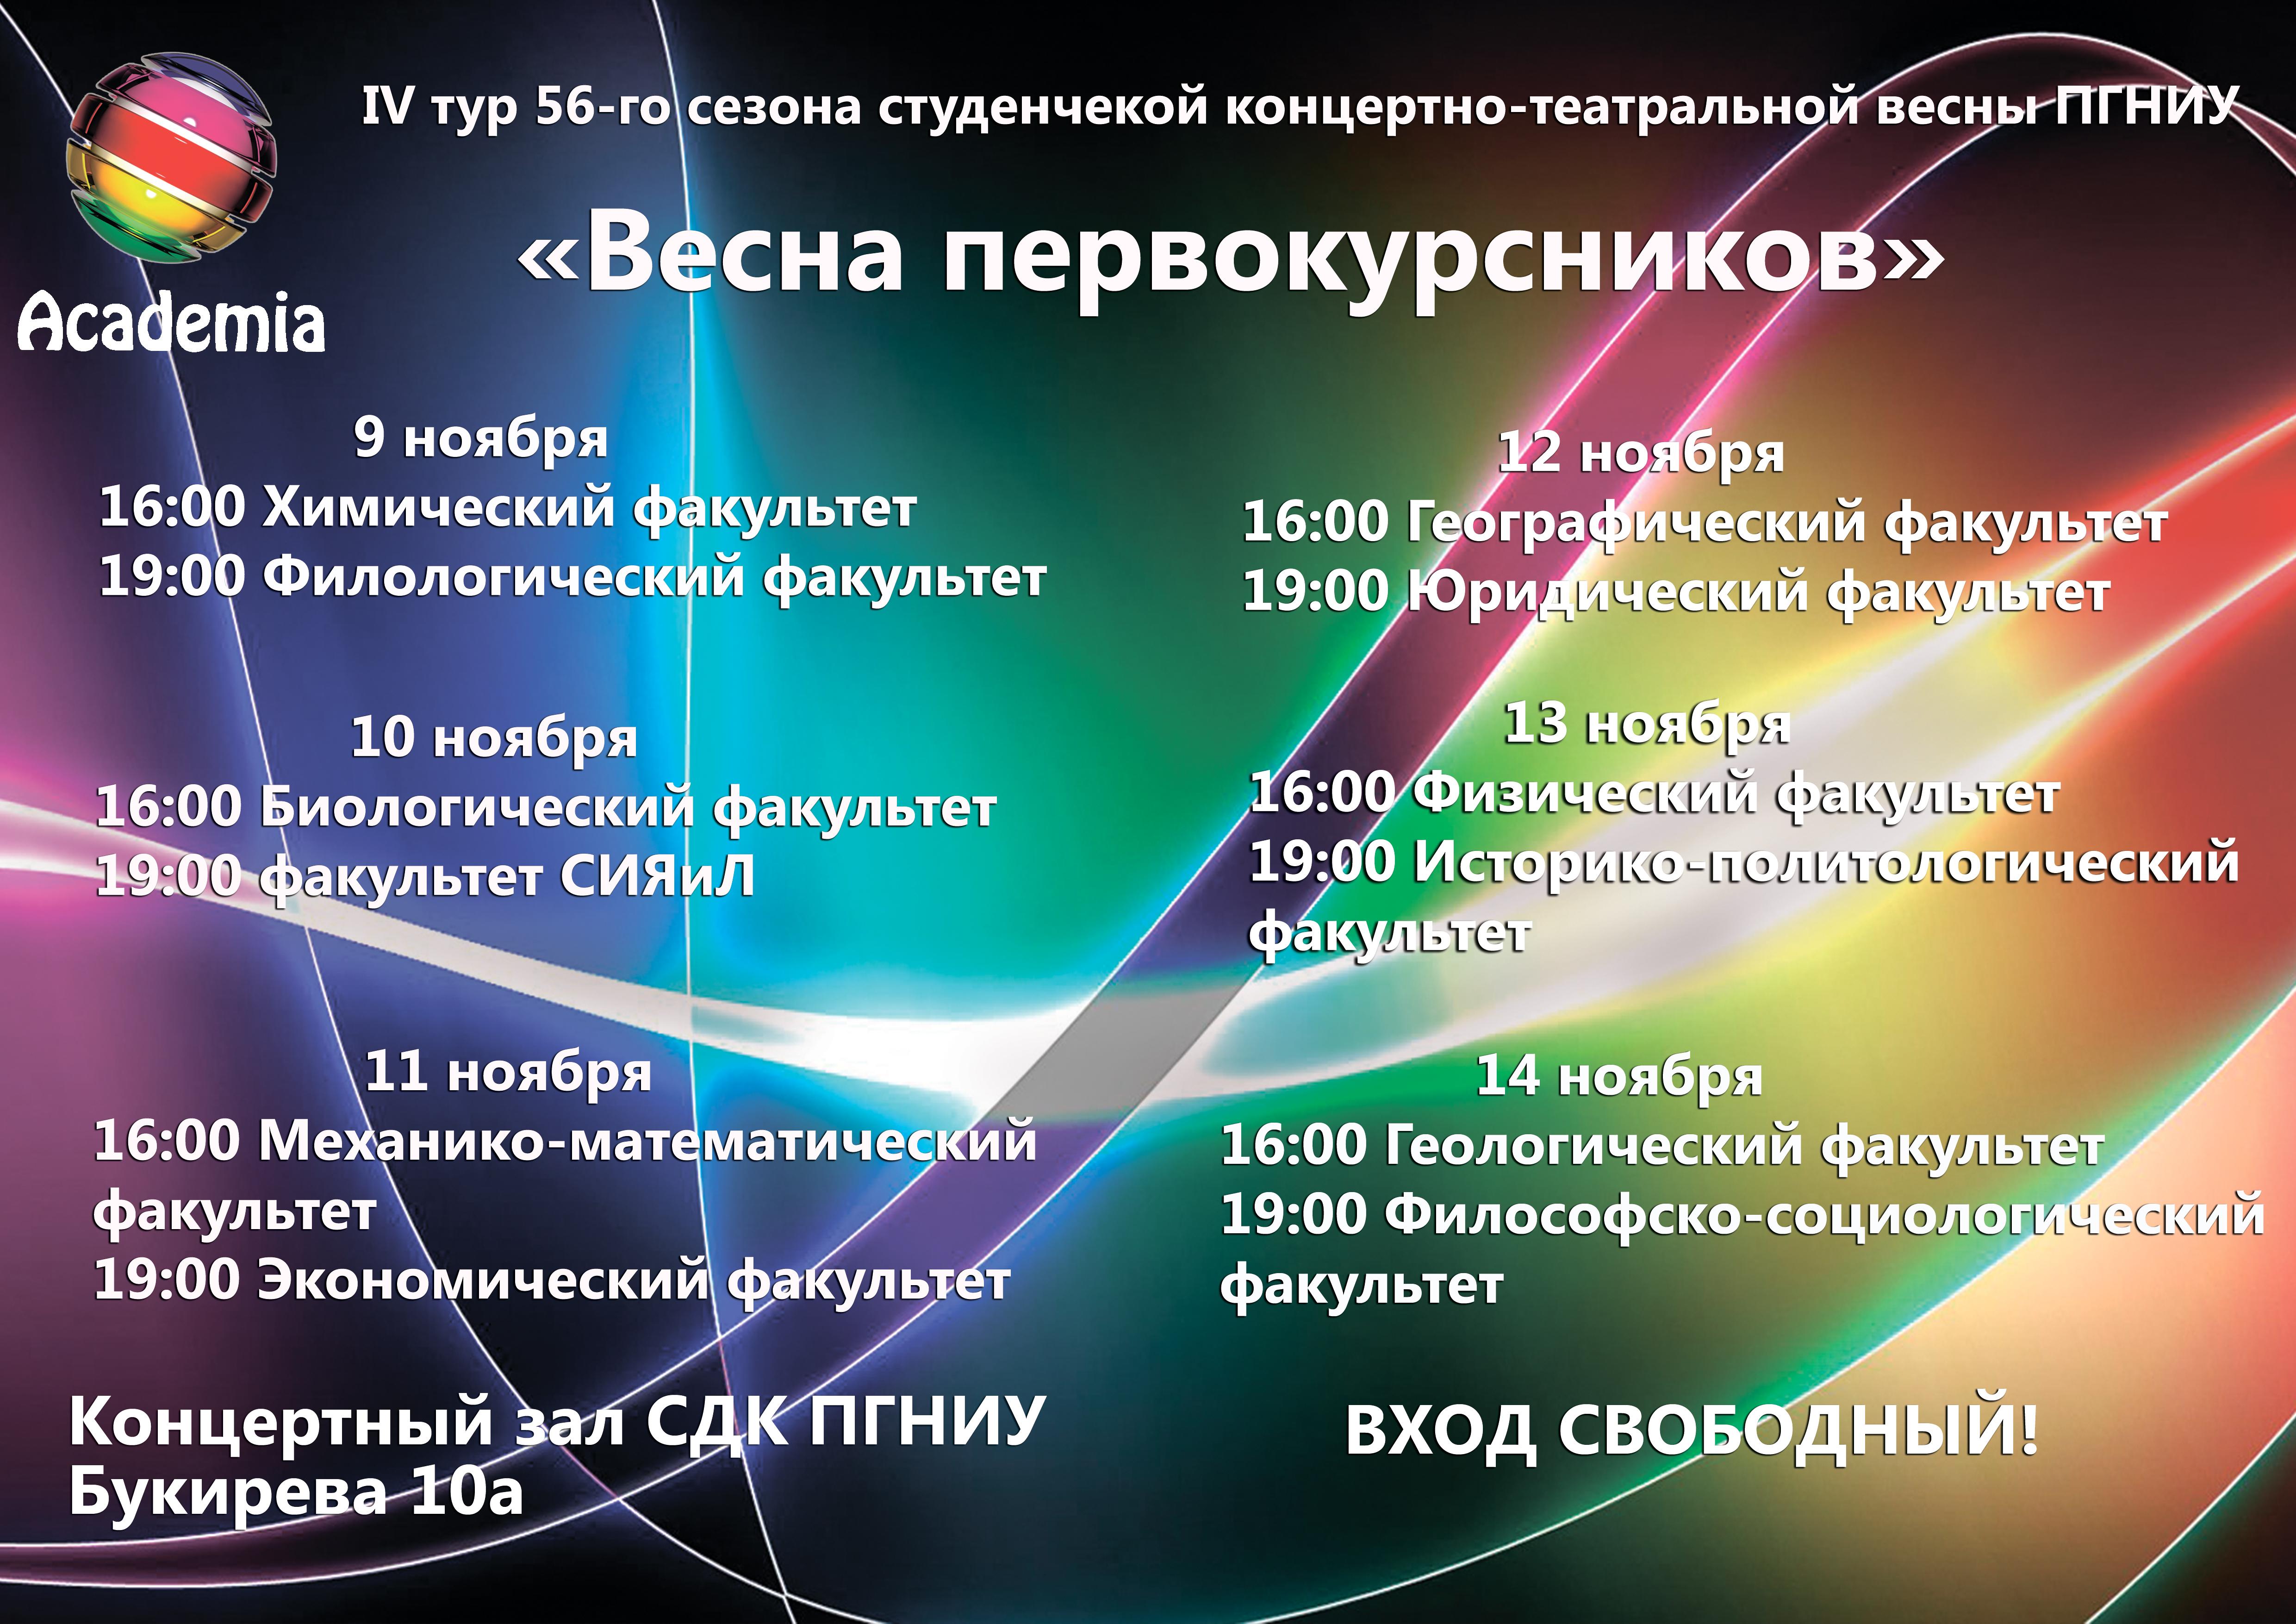 Весна первокурсников ПГНИУ - 2014